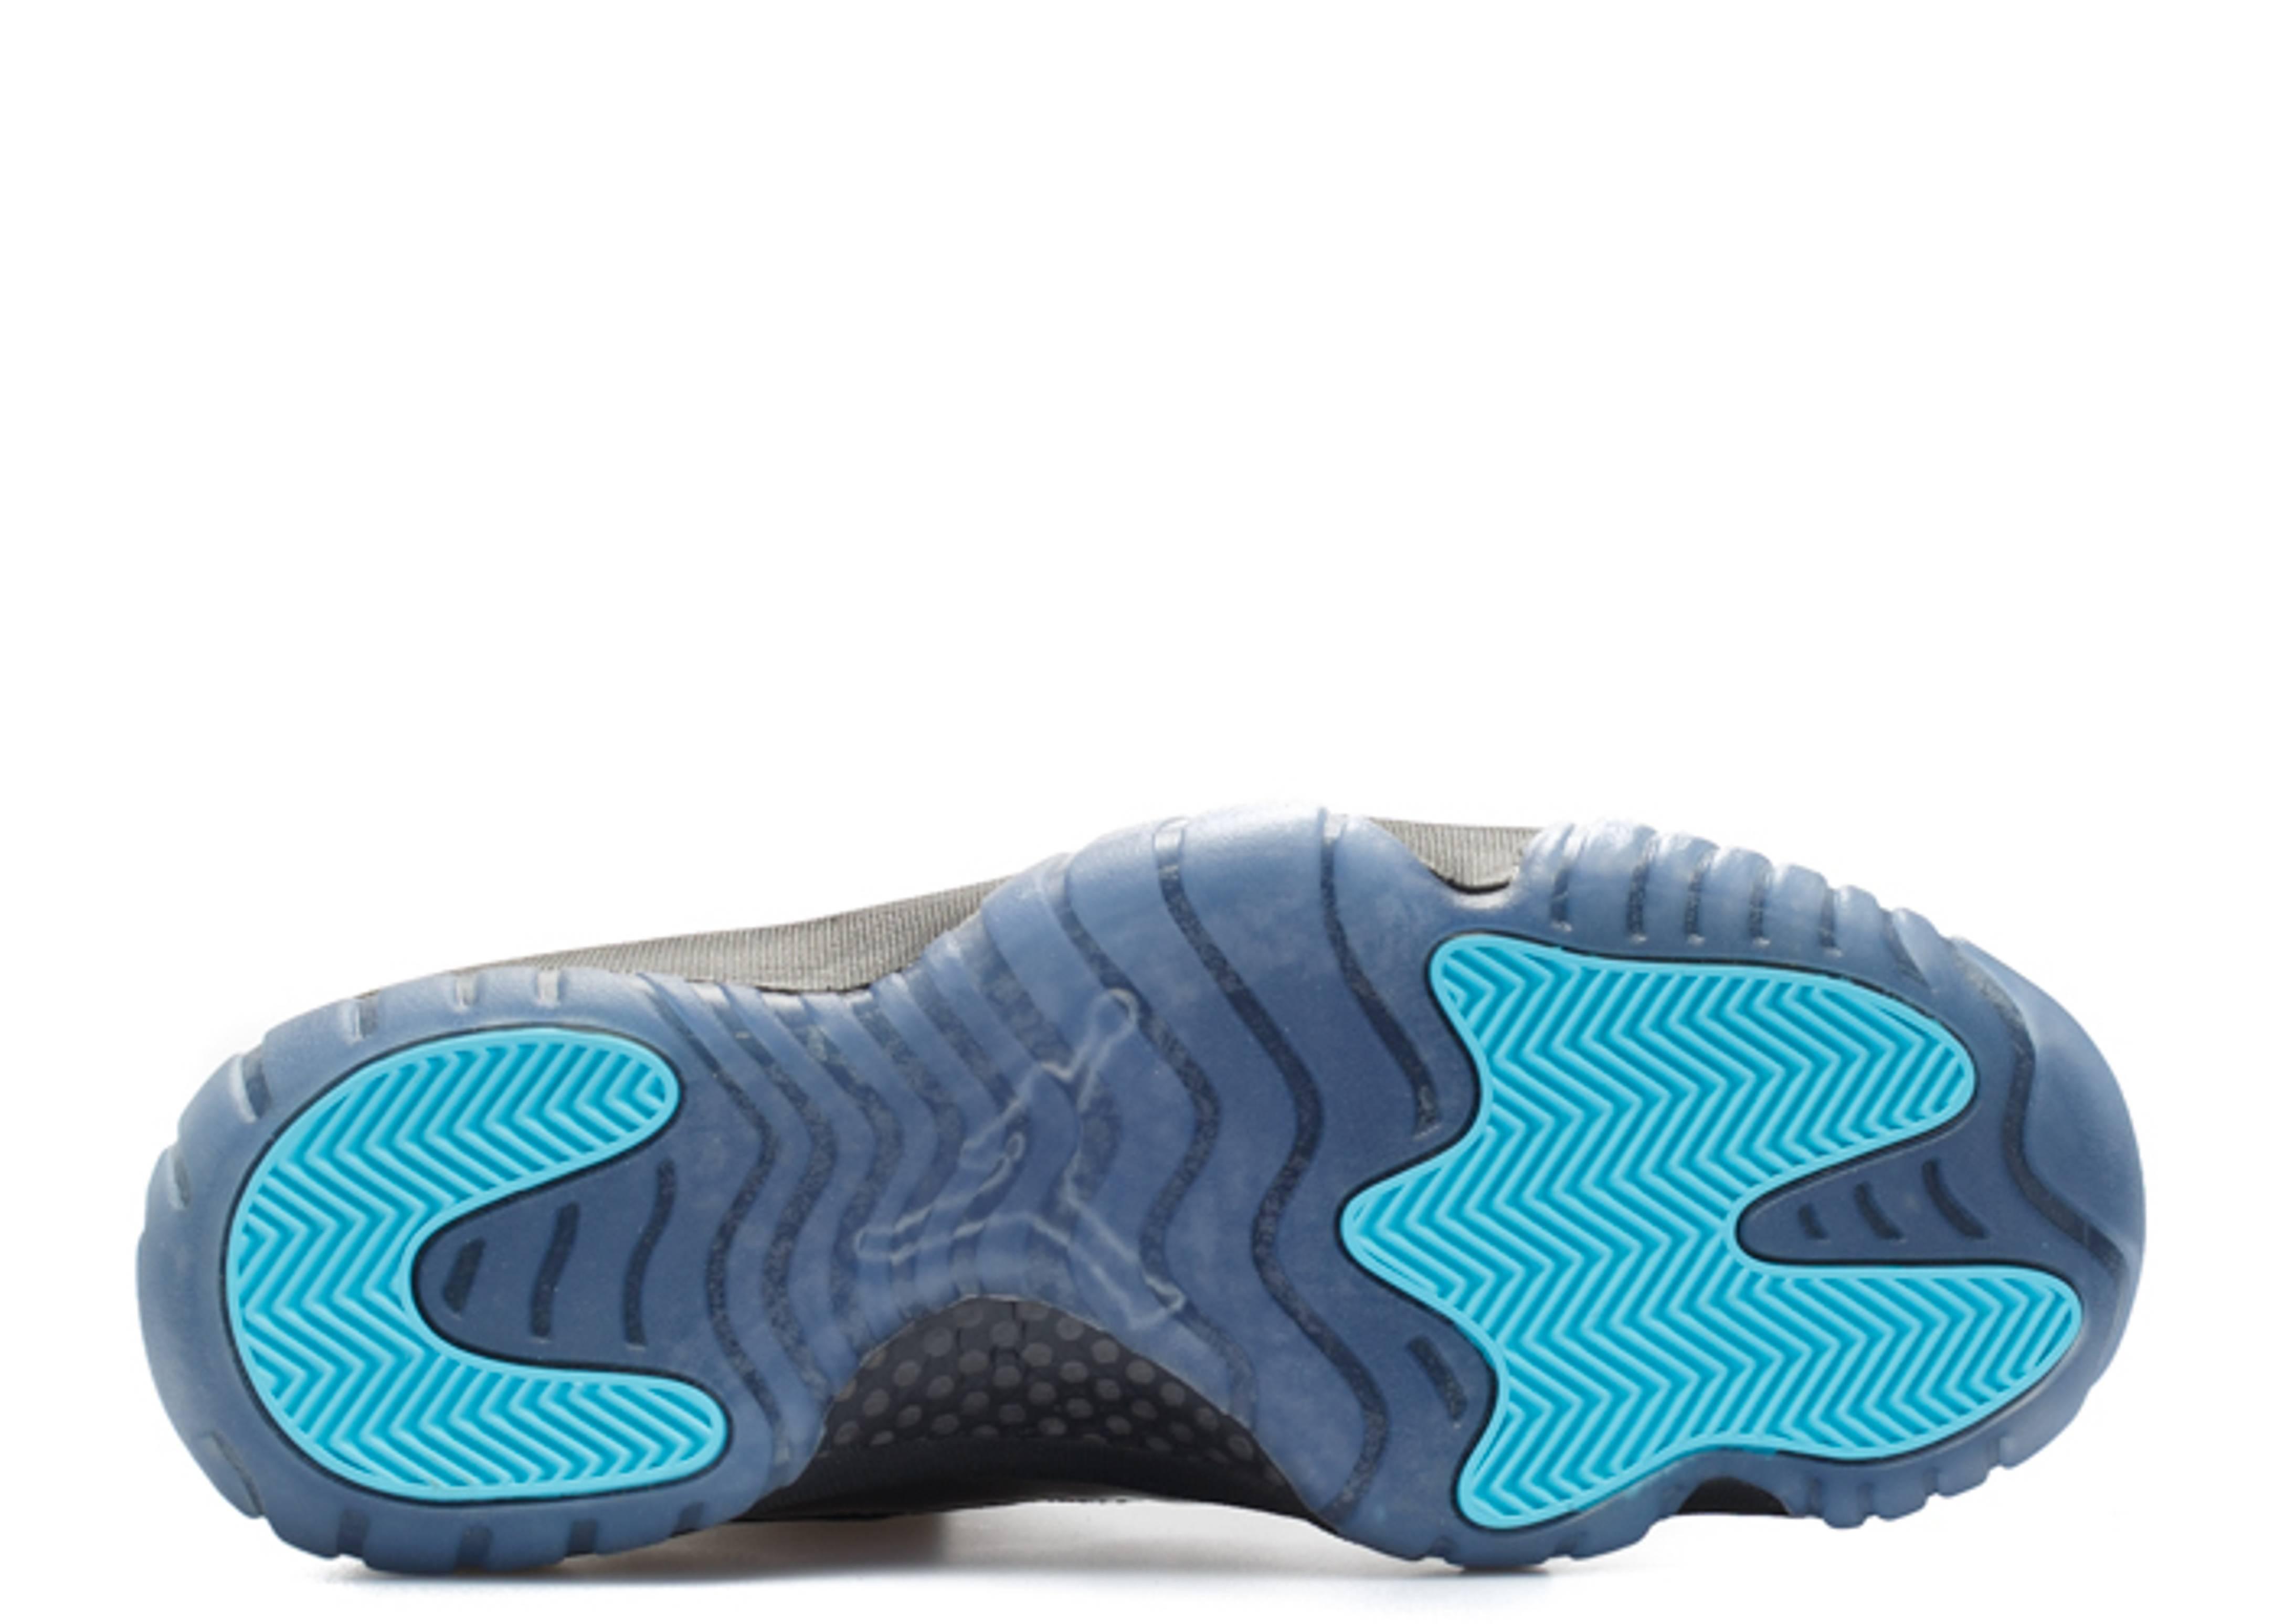 air jordan 11 black gamma blue